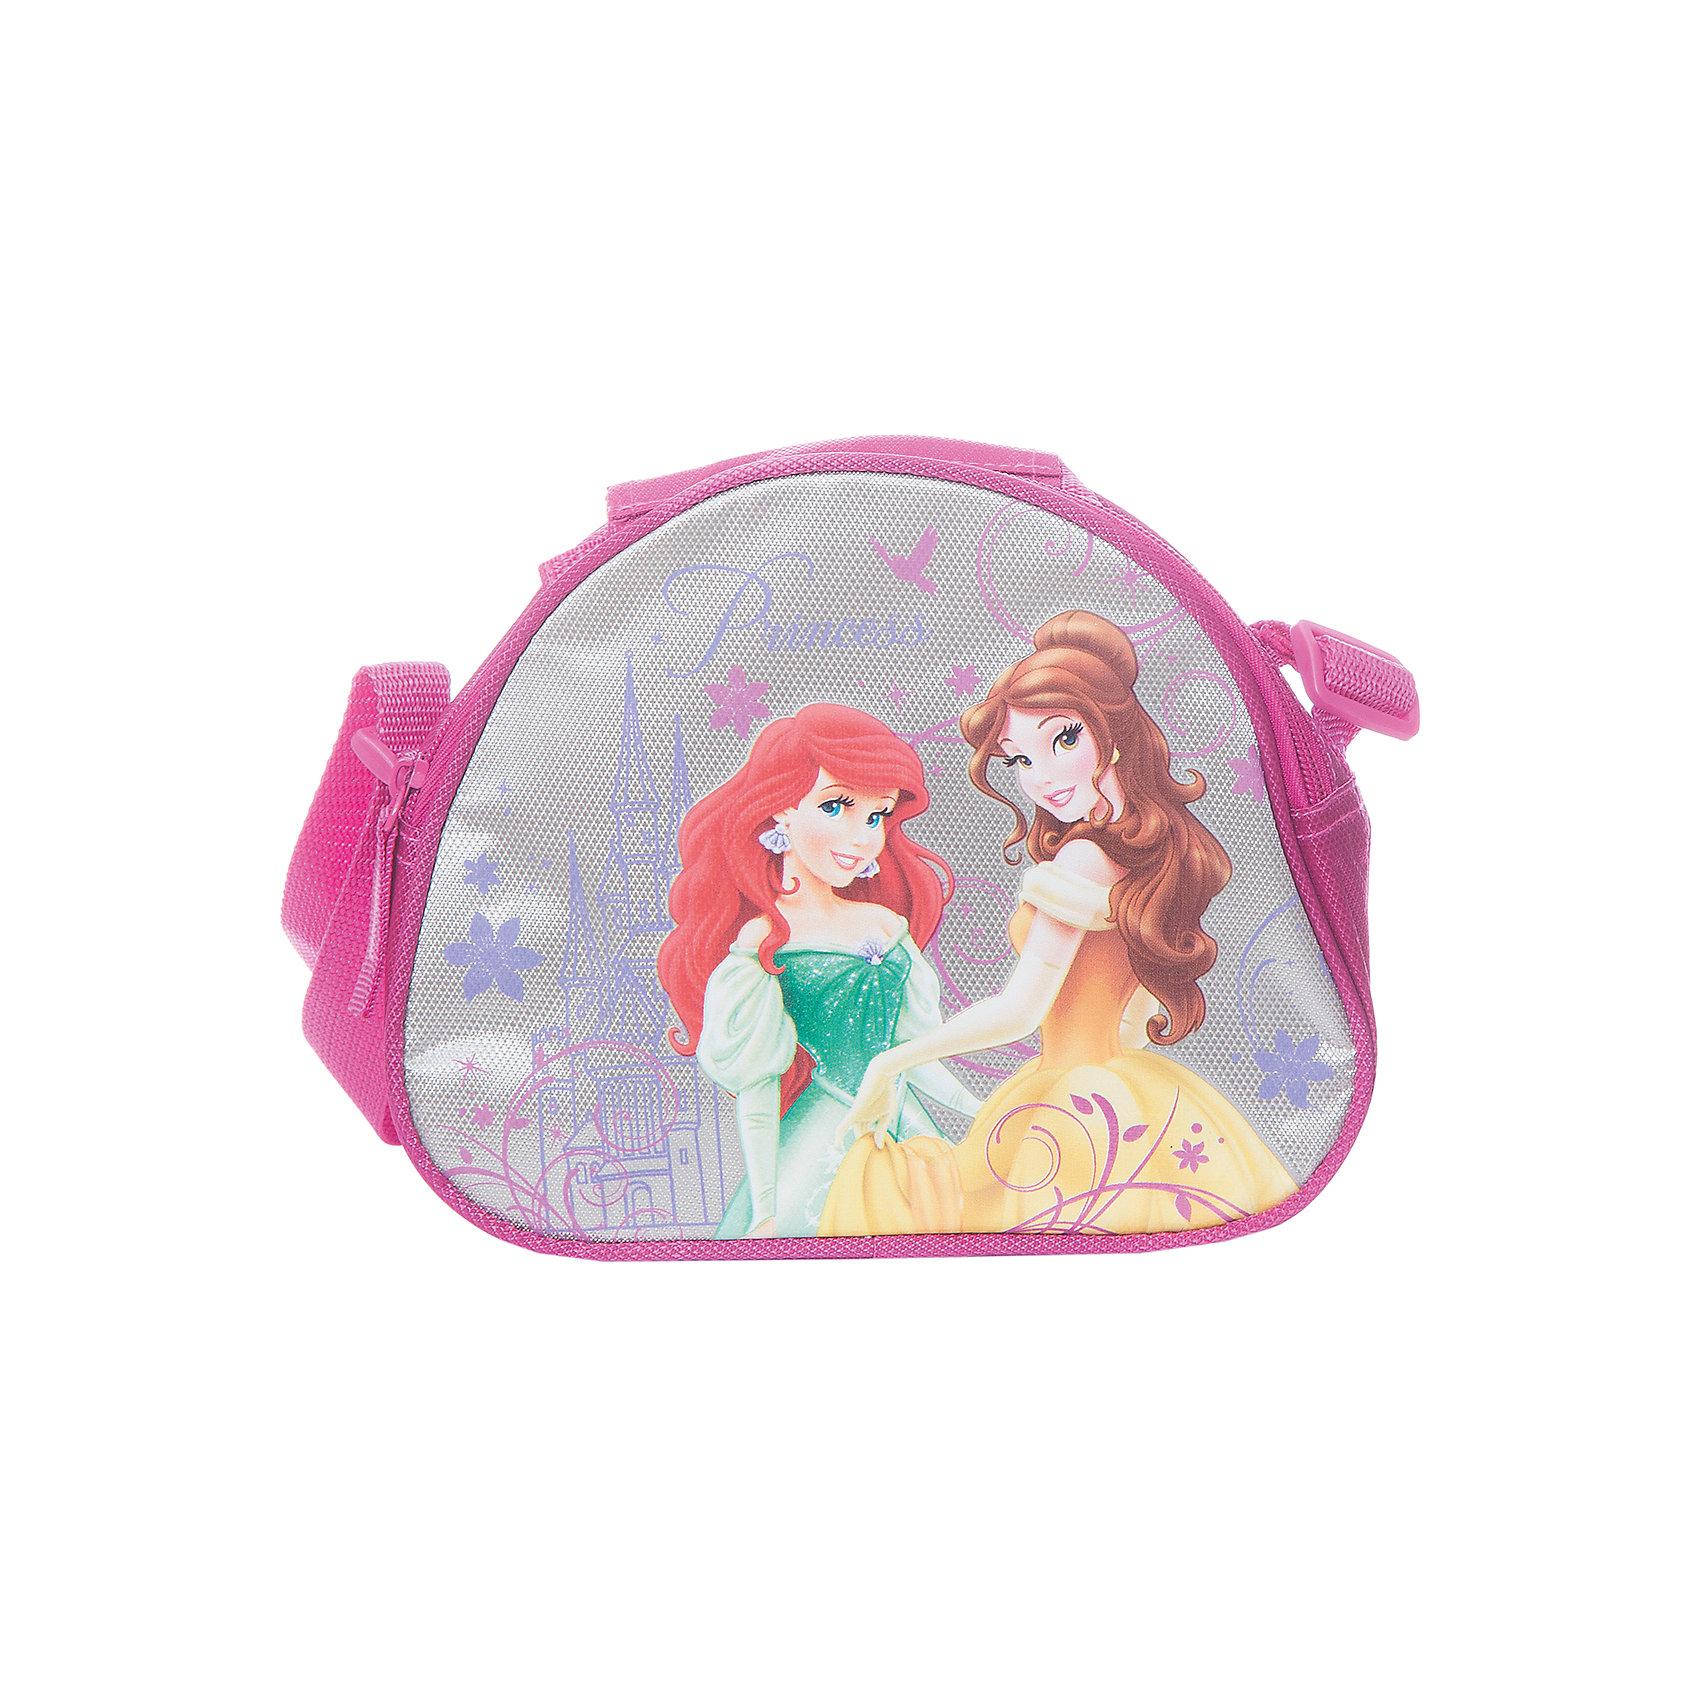 Сумочка для ланча с термоизоляцией, Принцессы ДиснейПринцессы Дисней<br>Сумочка с термоизоляцией Disney Princess (Принцессы Диснея) - стильная и вместительная сумочка для ланча. Ваша дочка сможет взять ее с собой куда угодно, чтобы перекусить во время путешествия или в школе, сумочка выполнена из качественных материалов, поэтому продукты в ней будут всегда свежими. Сумочка застегивается на молнию, оснащена регулируемыми лямками и ручкой. Выполнена в розово-cеребристиых тонах с изображением принцесс из диснеевских мультфильмов Ариэль и Белль.<br><br>Дополнительная информация:<br><br>- Материал: полиэстер.<br>- Размер: 16 х 21 х 7 см.<br>- Вес: 0,145 кг.<br><br>Сумочку для ланча с термоизоляцией Disney Princess можно купить в нашем интернет-магазине.<br><br>Ширина мм: 160<br>Глубина мм: 210<br>Высота мм: 70<br>Вес г: 145<br>Возраст от месяцев: 48<br>Возраст до месяцев: 84<br>Пол: Женский<br>Возраст: Детский<br>SKU: 3562901